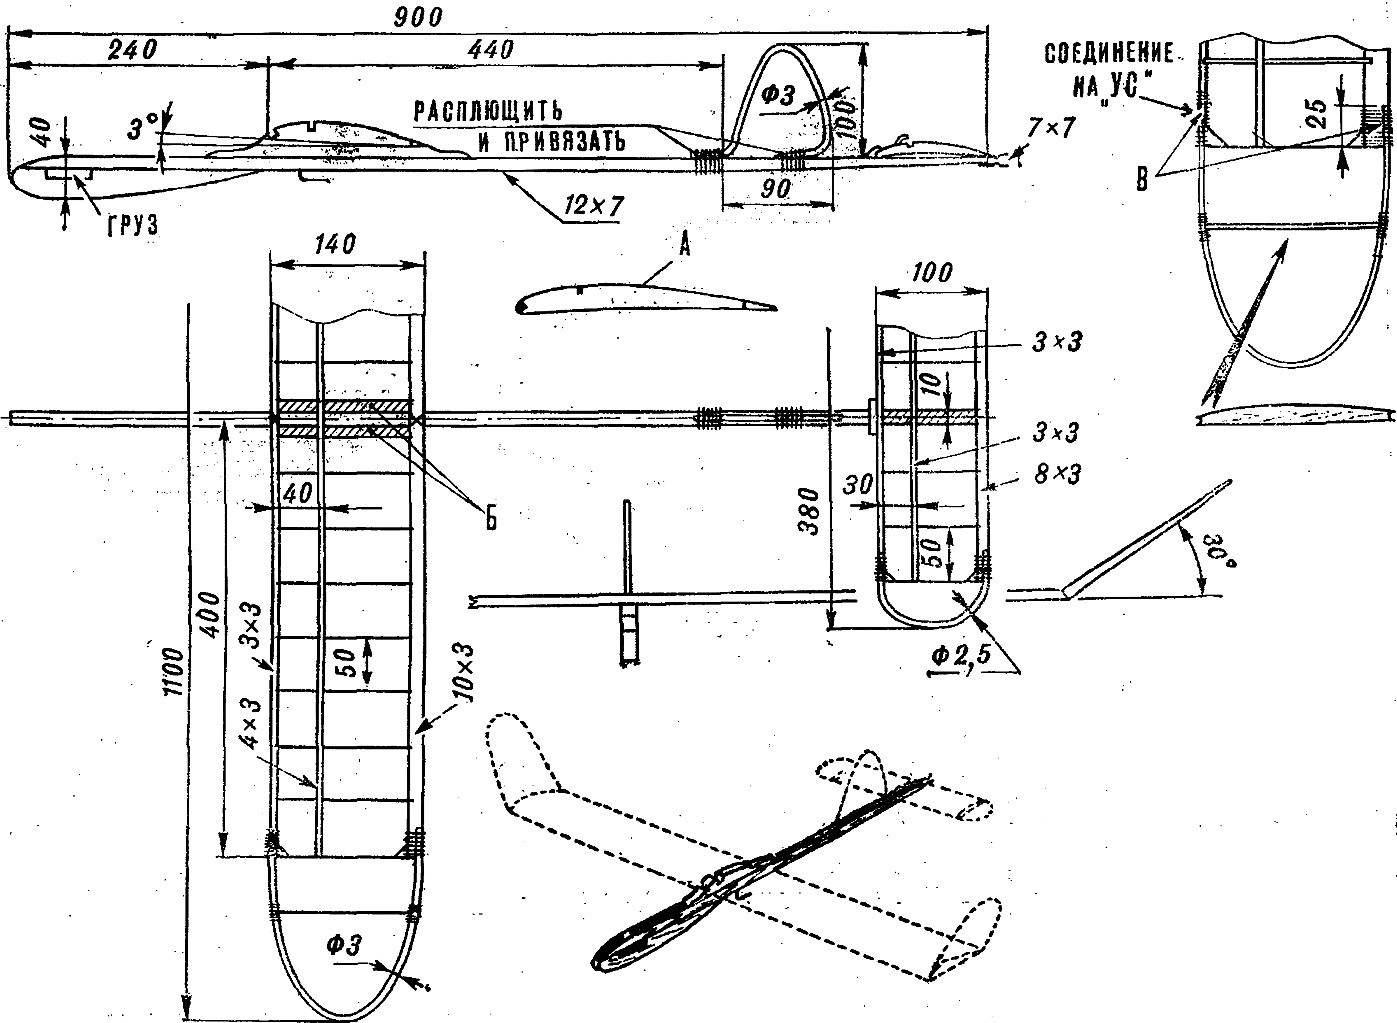 Рис. 1. Схема учебно-тренировочной модели планера